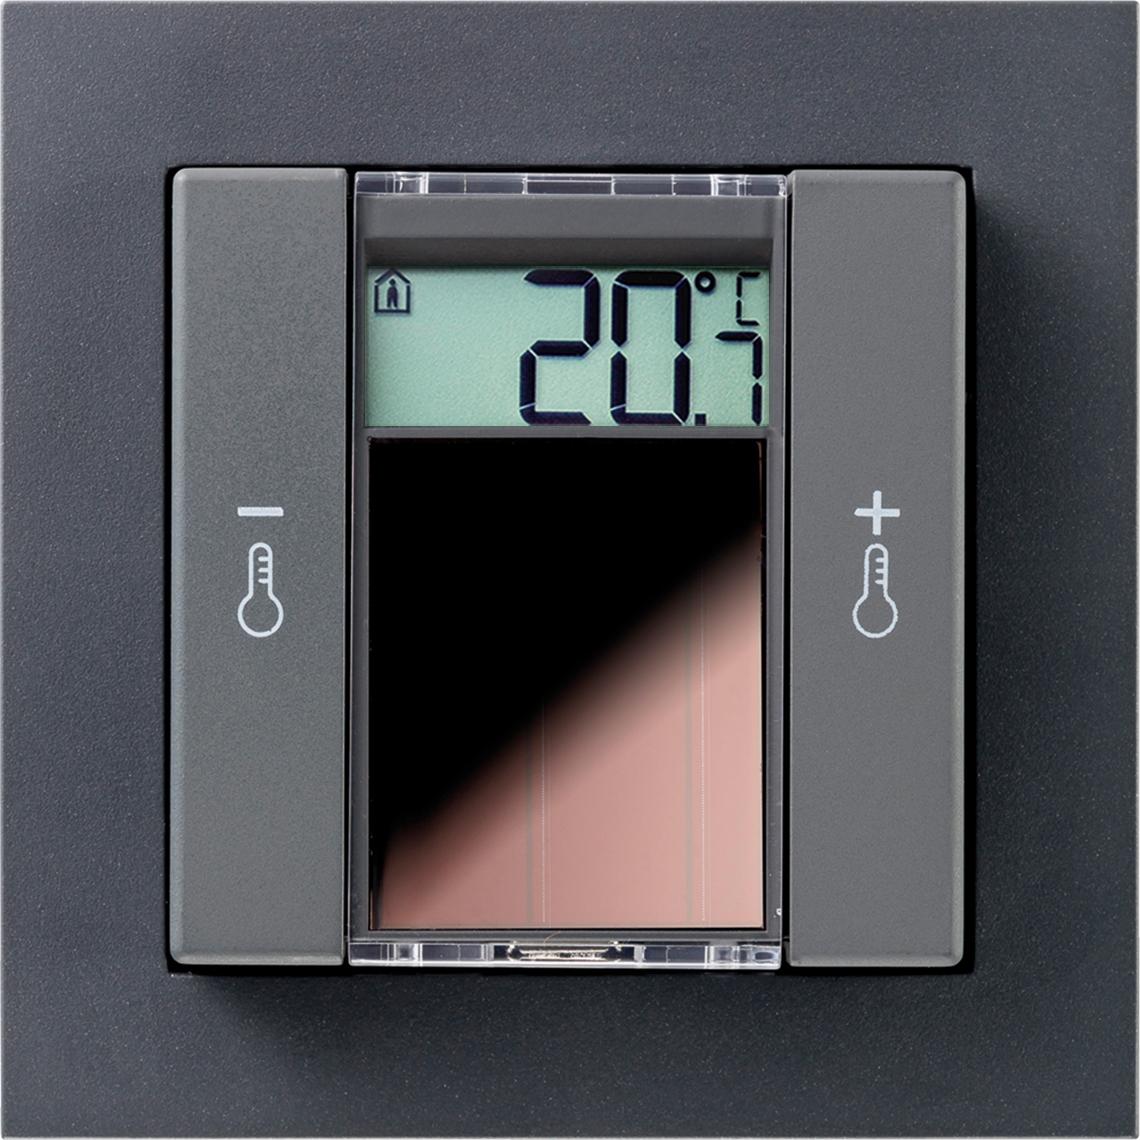 SR06 LCD 2T Gira E2 anthrazit Produktbild